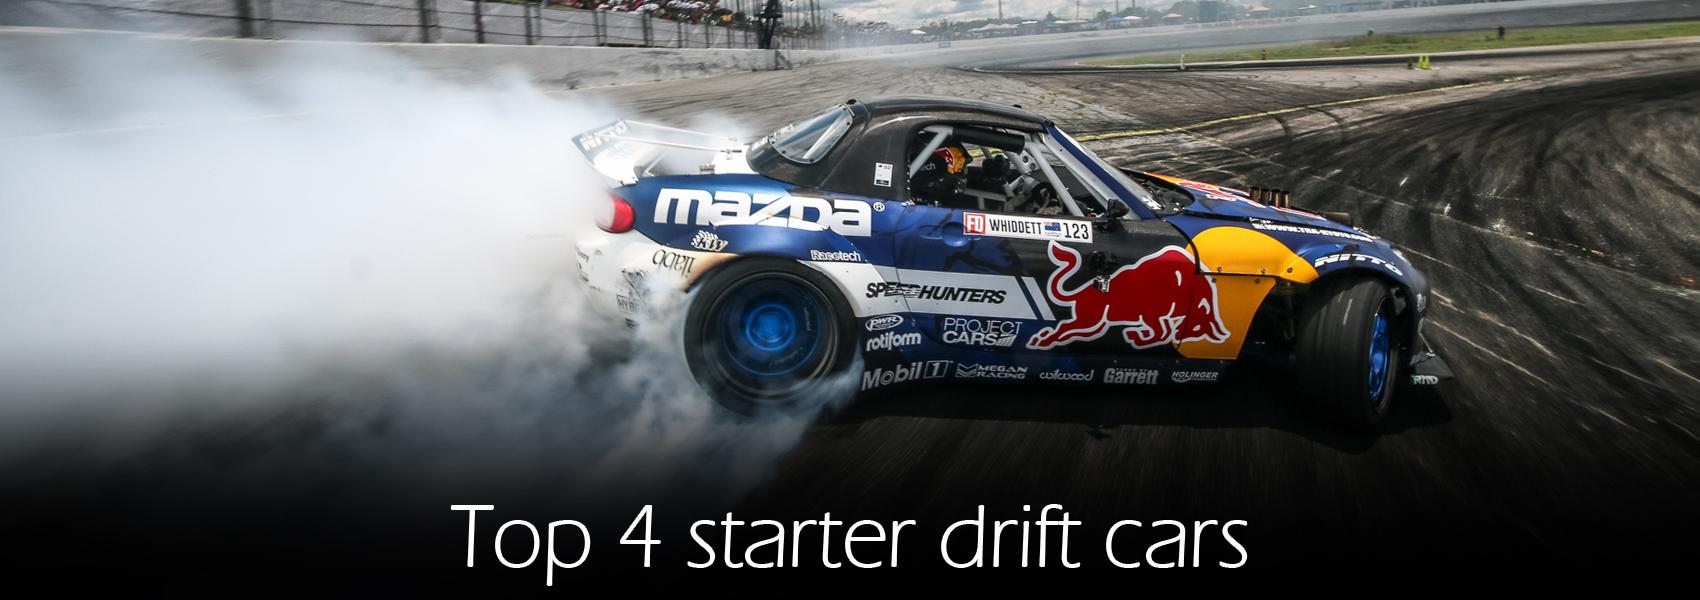 Top 4 Starter Drift Cars